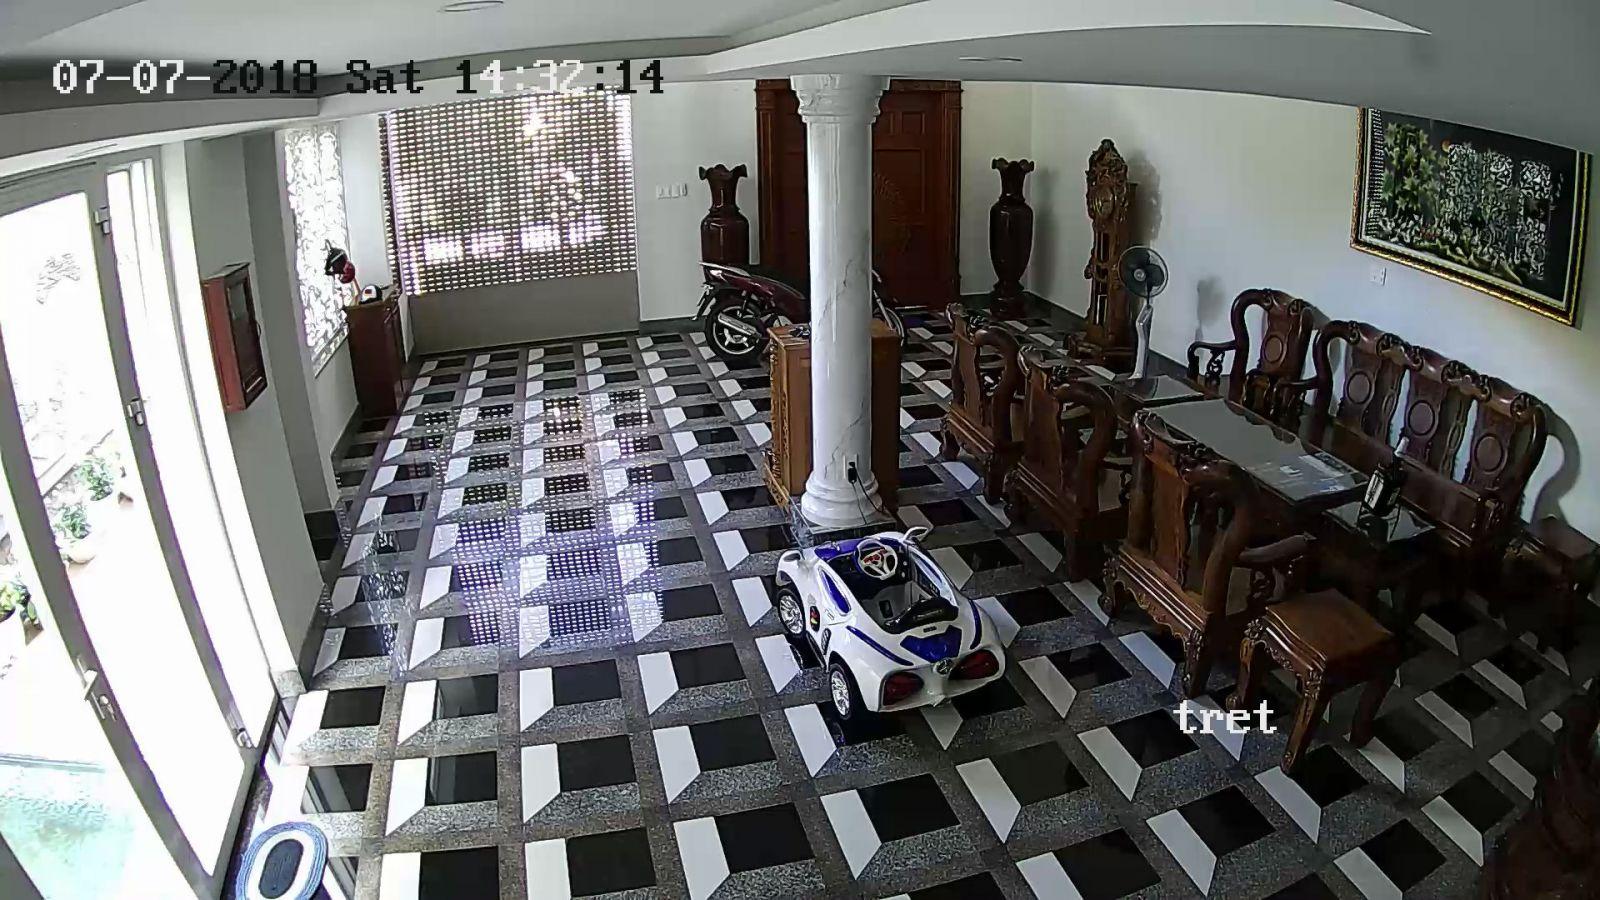 Camera IP Wifi Vitacam DZ1080 2.0Megapixel